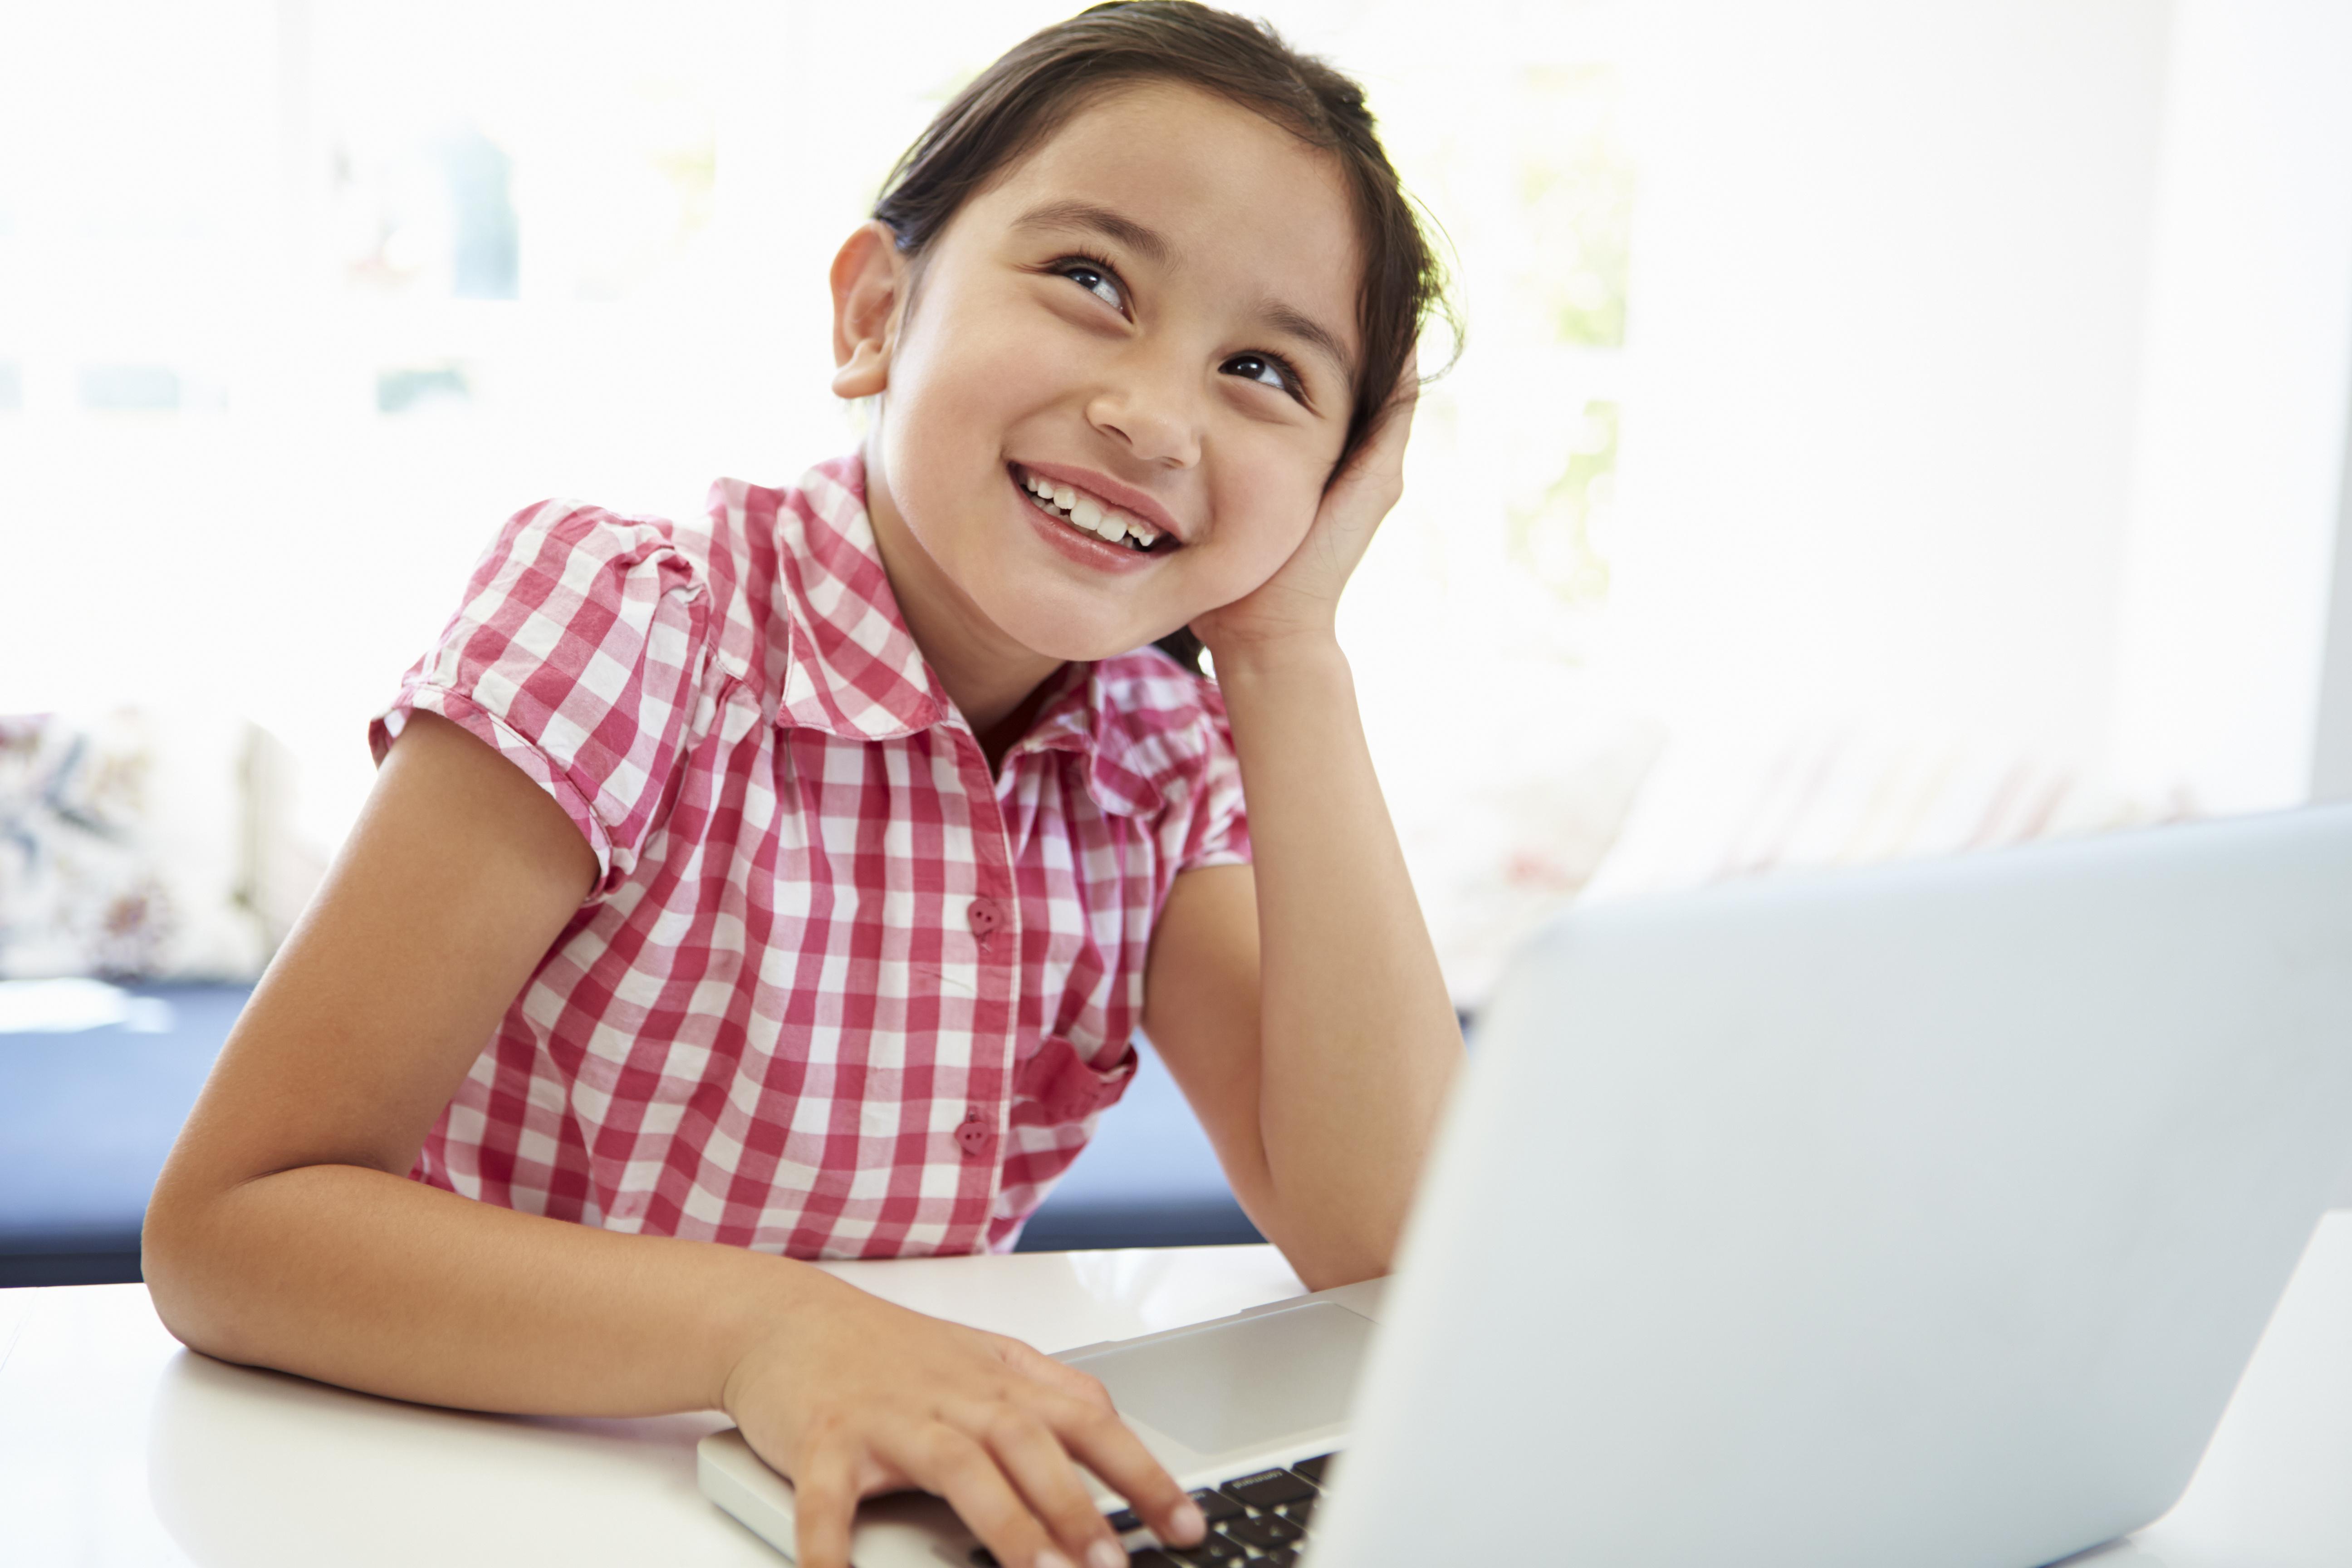 Meisje en laptop.jpg